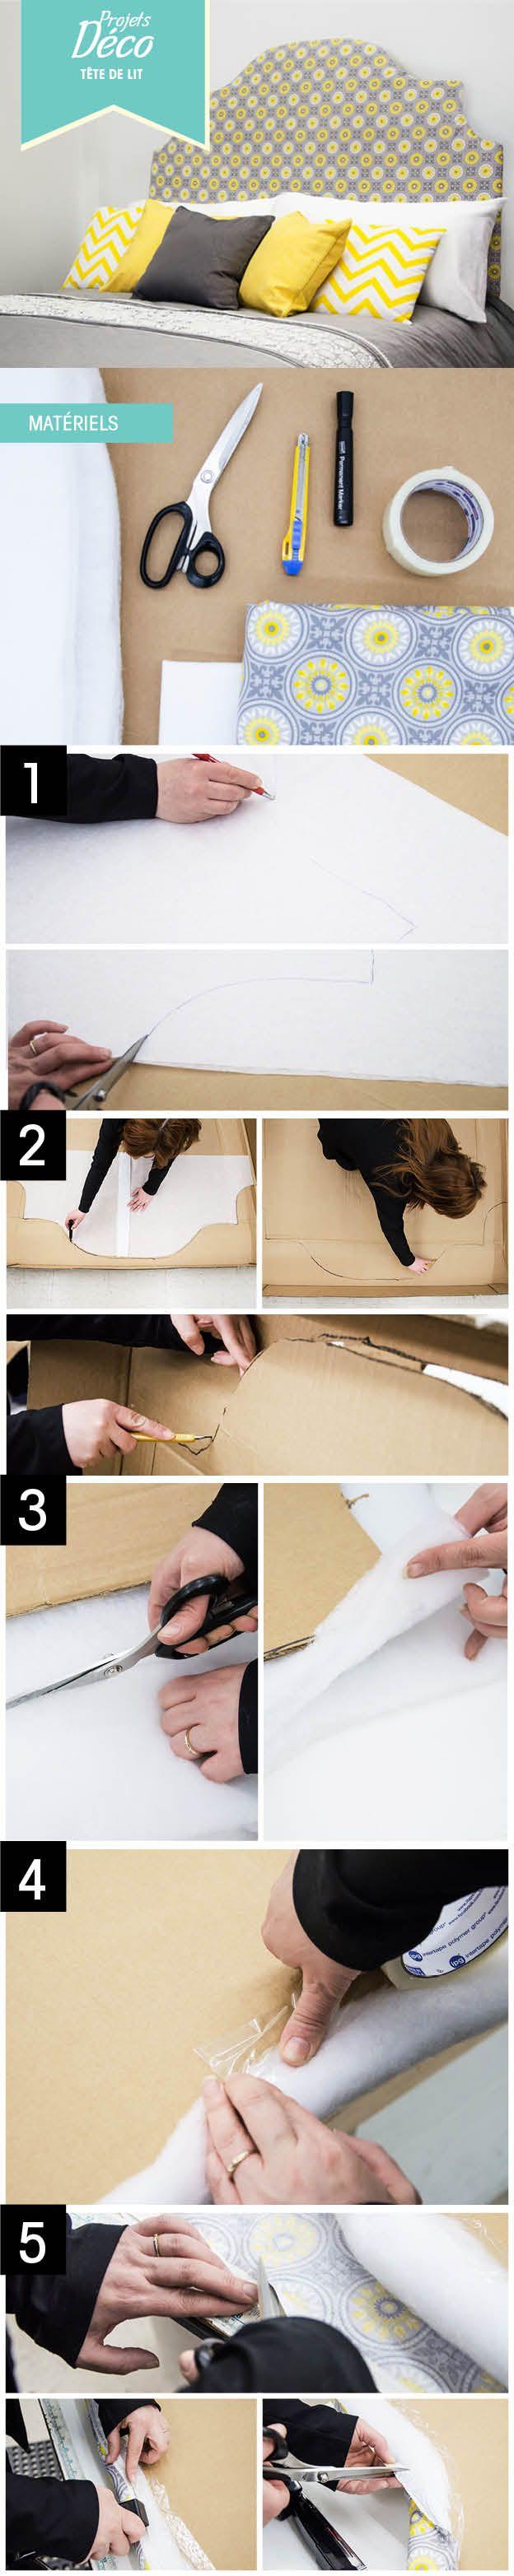 PAS À PAS: Venez réaliser une tête de lit personnalisée! #DIY #couture #déco #chambre #tissus http://clubtissus.com/articles-blog/articles-decoration/projet-tete-de-lit